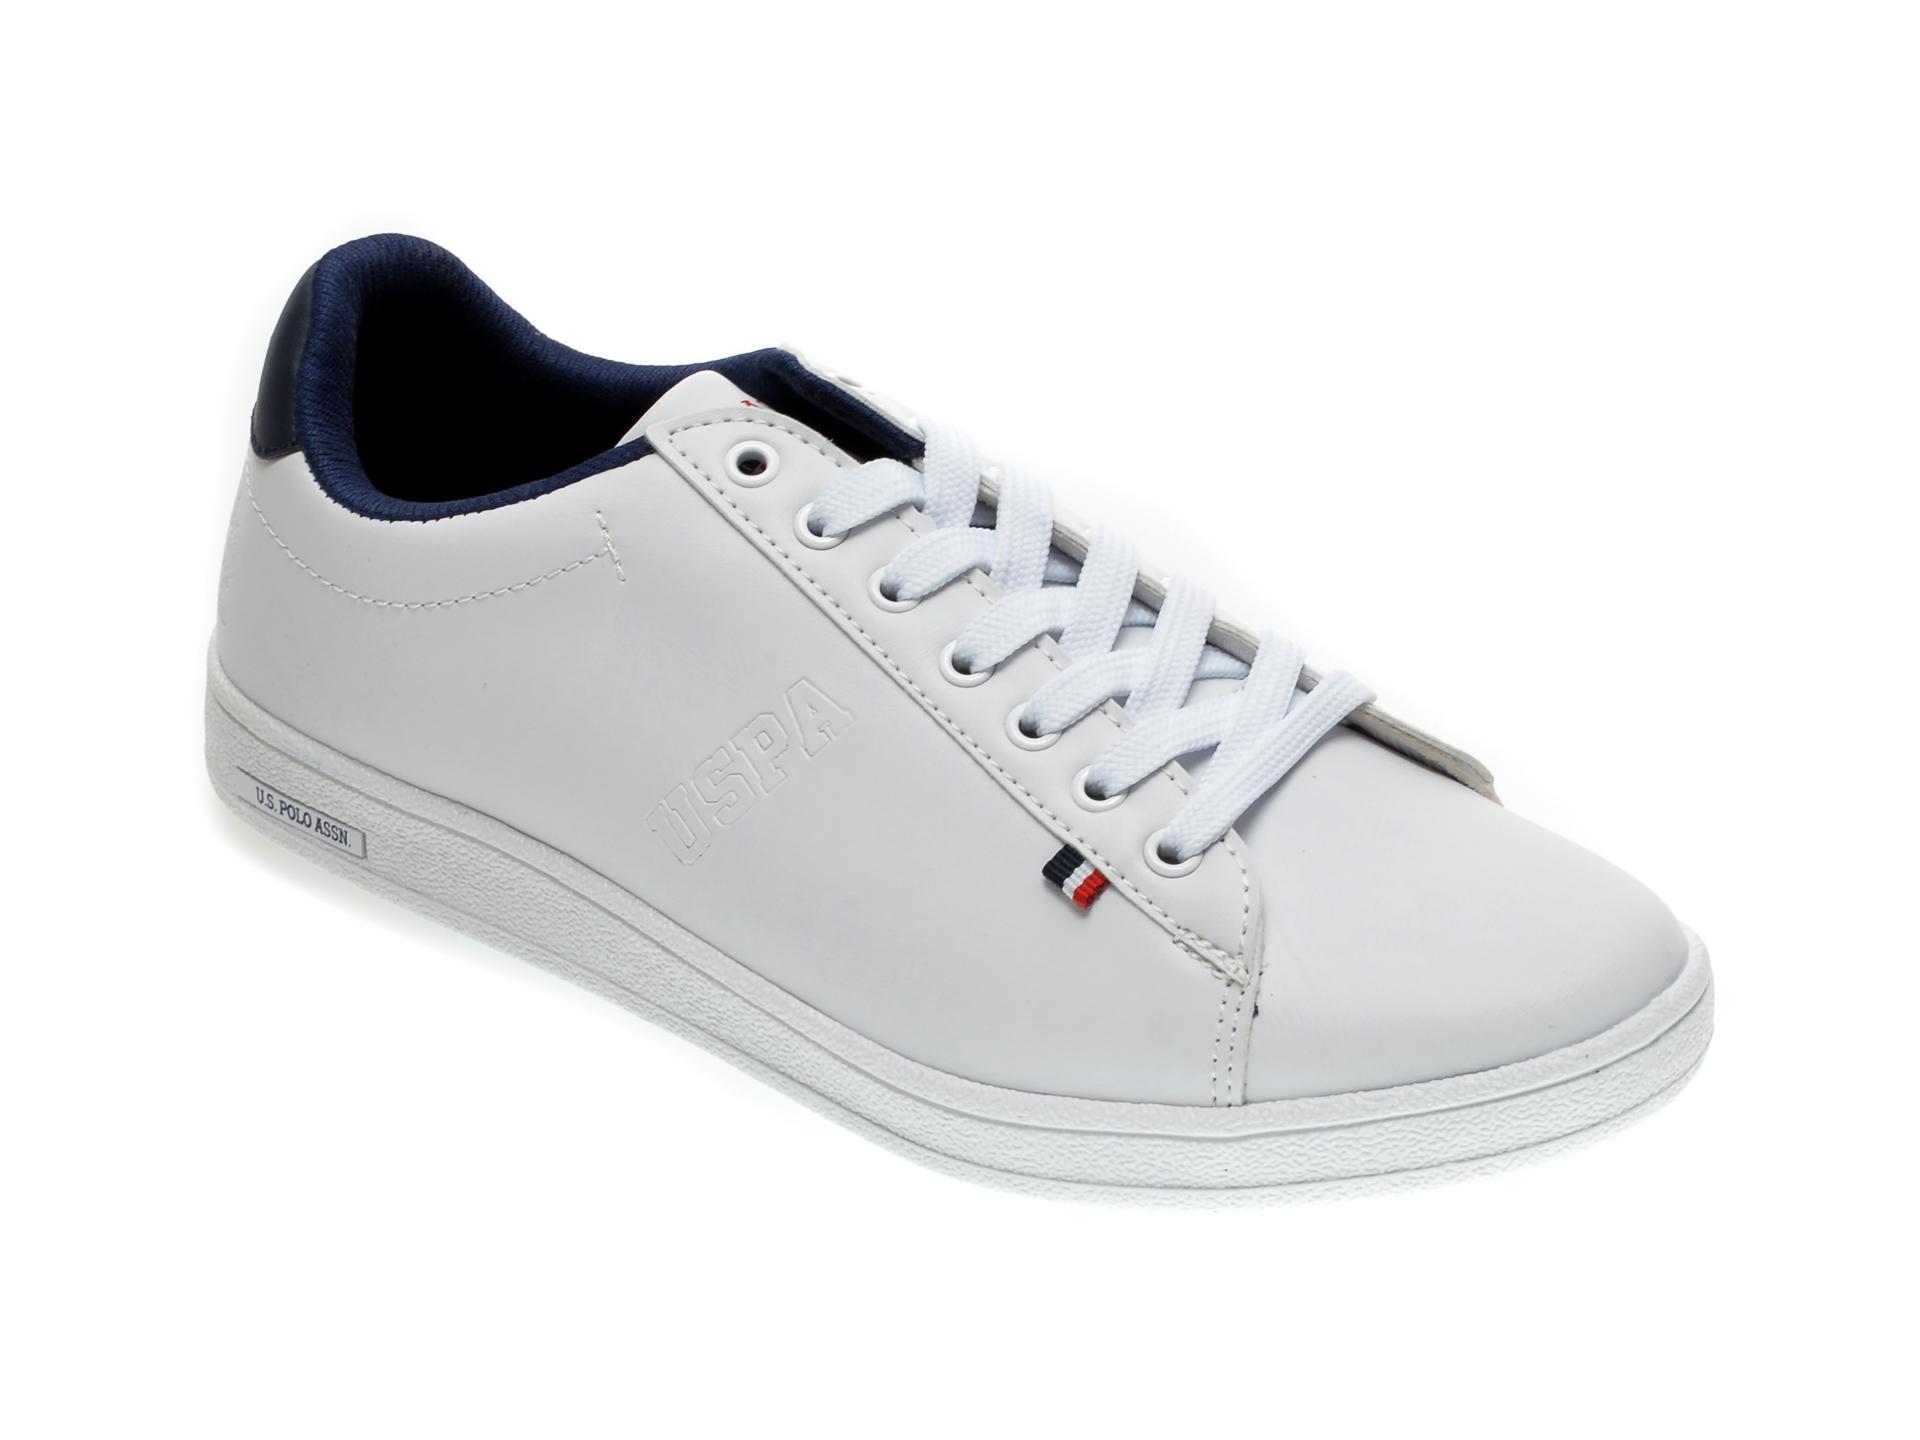 Pantofi sport US POLO ASSN albi, 249743, din piele ecologica imagine